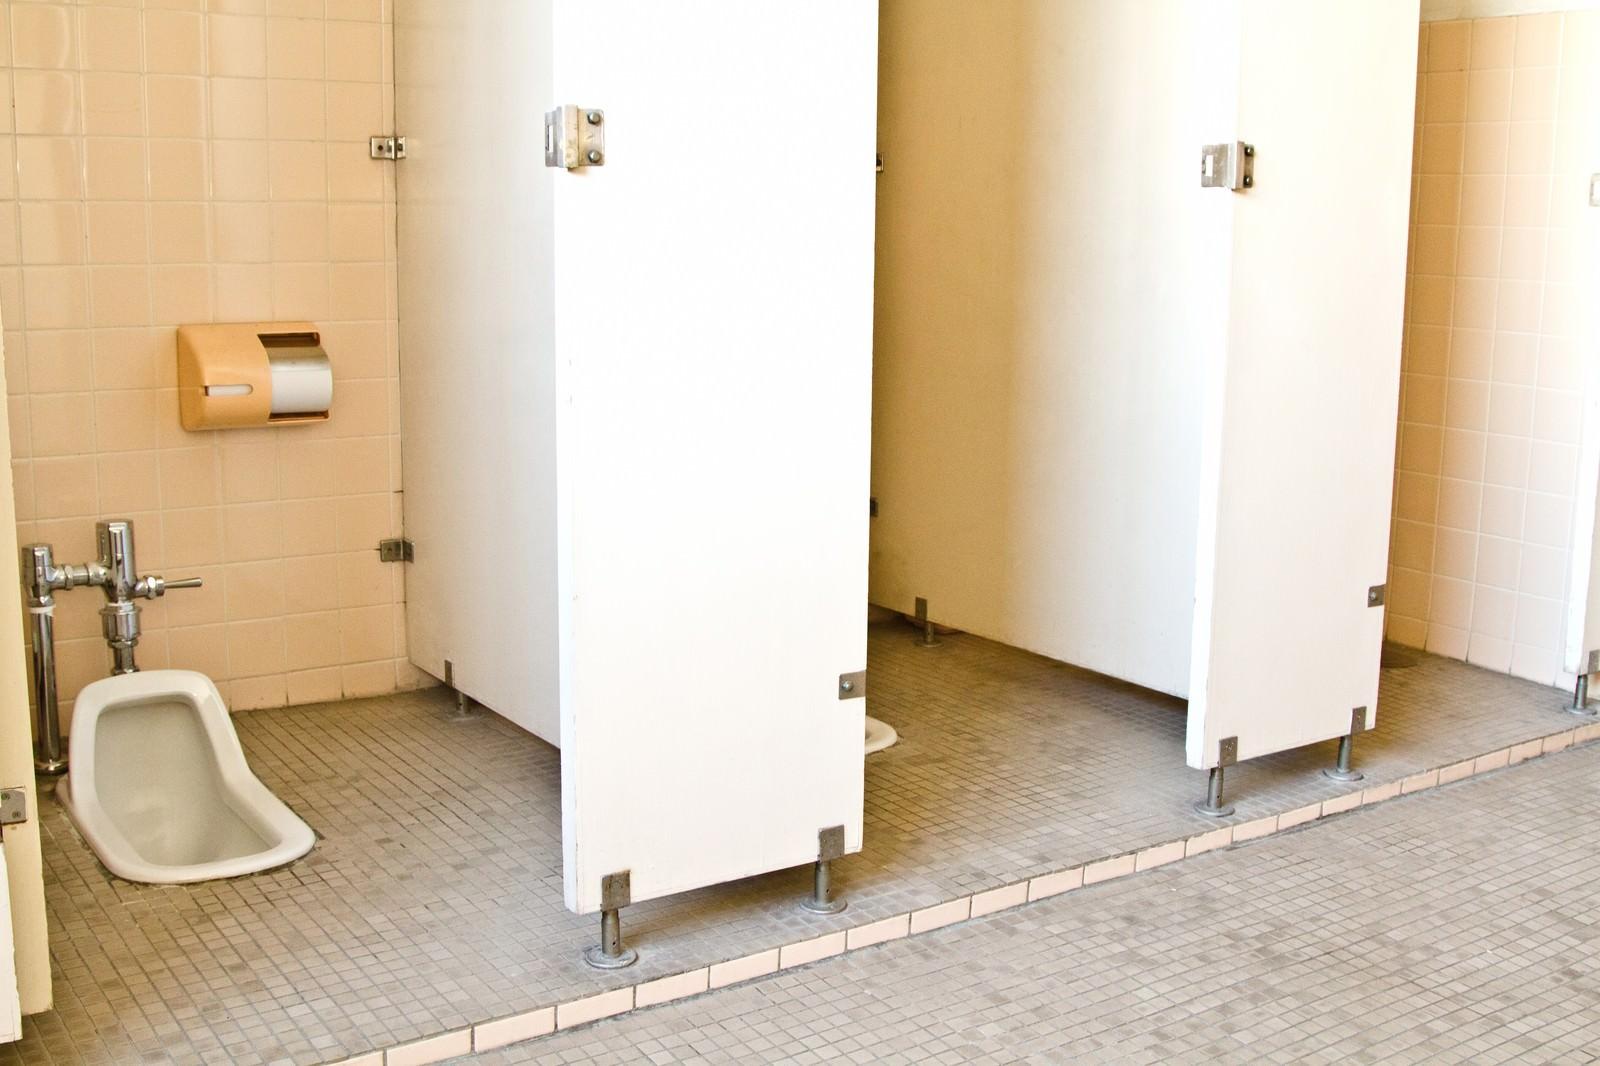 「学校の和式トイレ」の写真